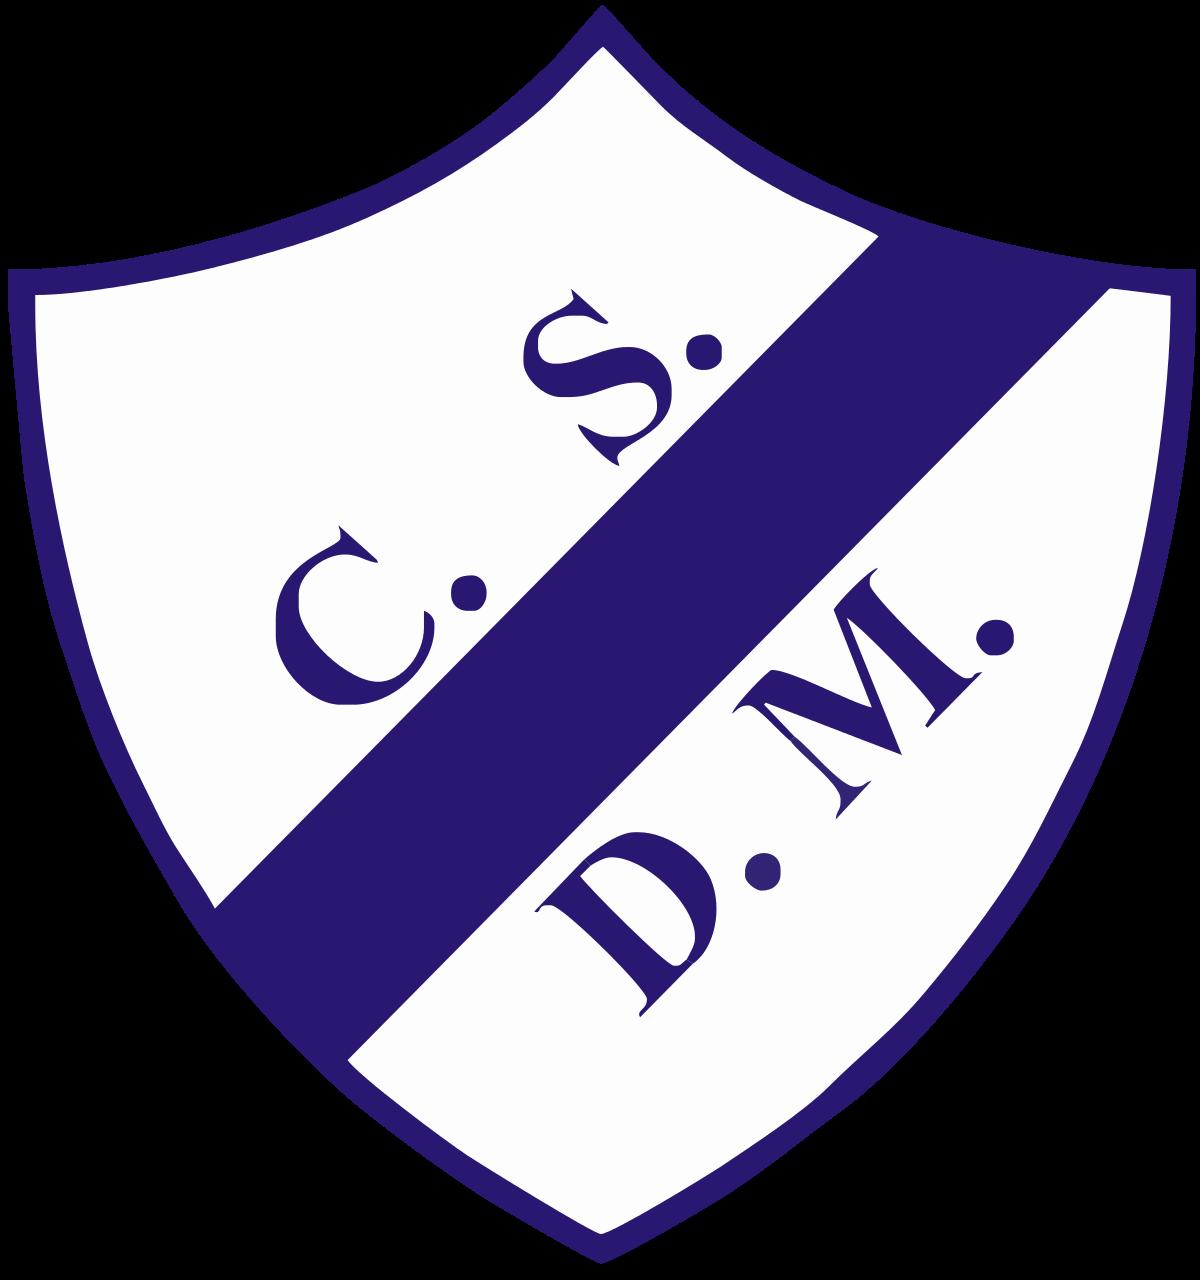 Club Social y Deportivo Merlo - Parque San Martín-ARG | Escudo deportivo,  Futbol europa, Deportes